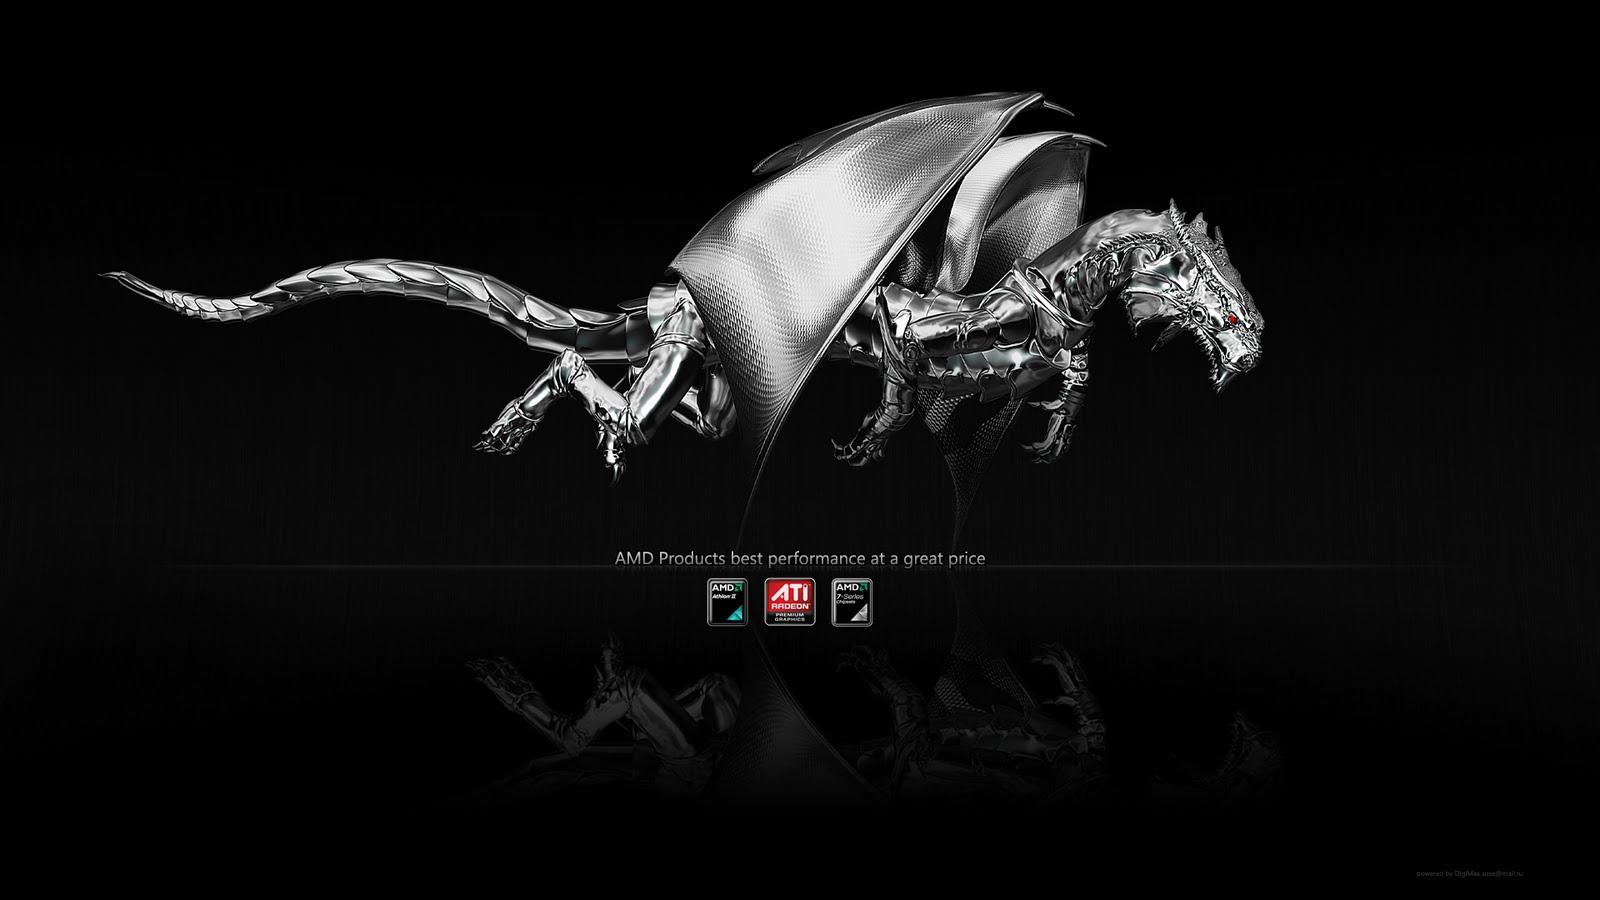 http://2.bp.blogspot.com/-_cC_GvJiwWY/Ta2Fd-vDSNI/AAAAAAAABEs/SwRtfQFL2XA/s1600/AMD_Dragon_2_hd_wallpaper.jpg